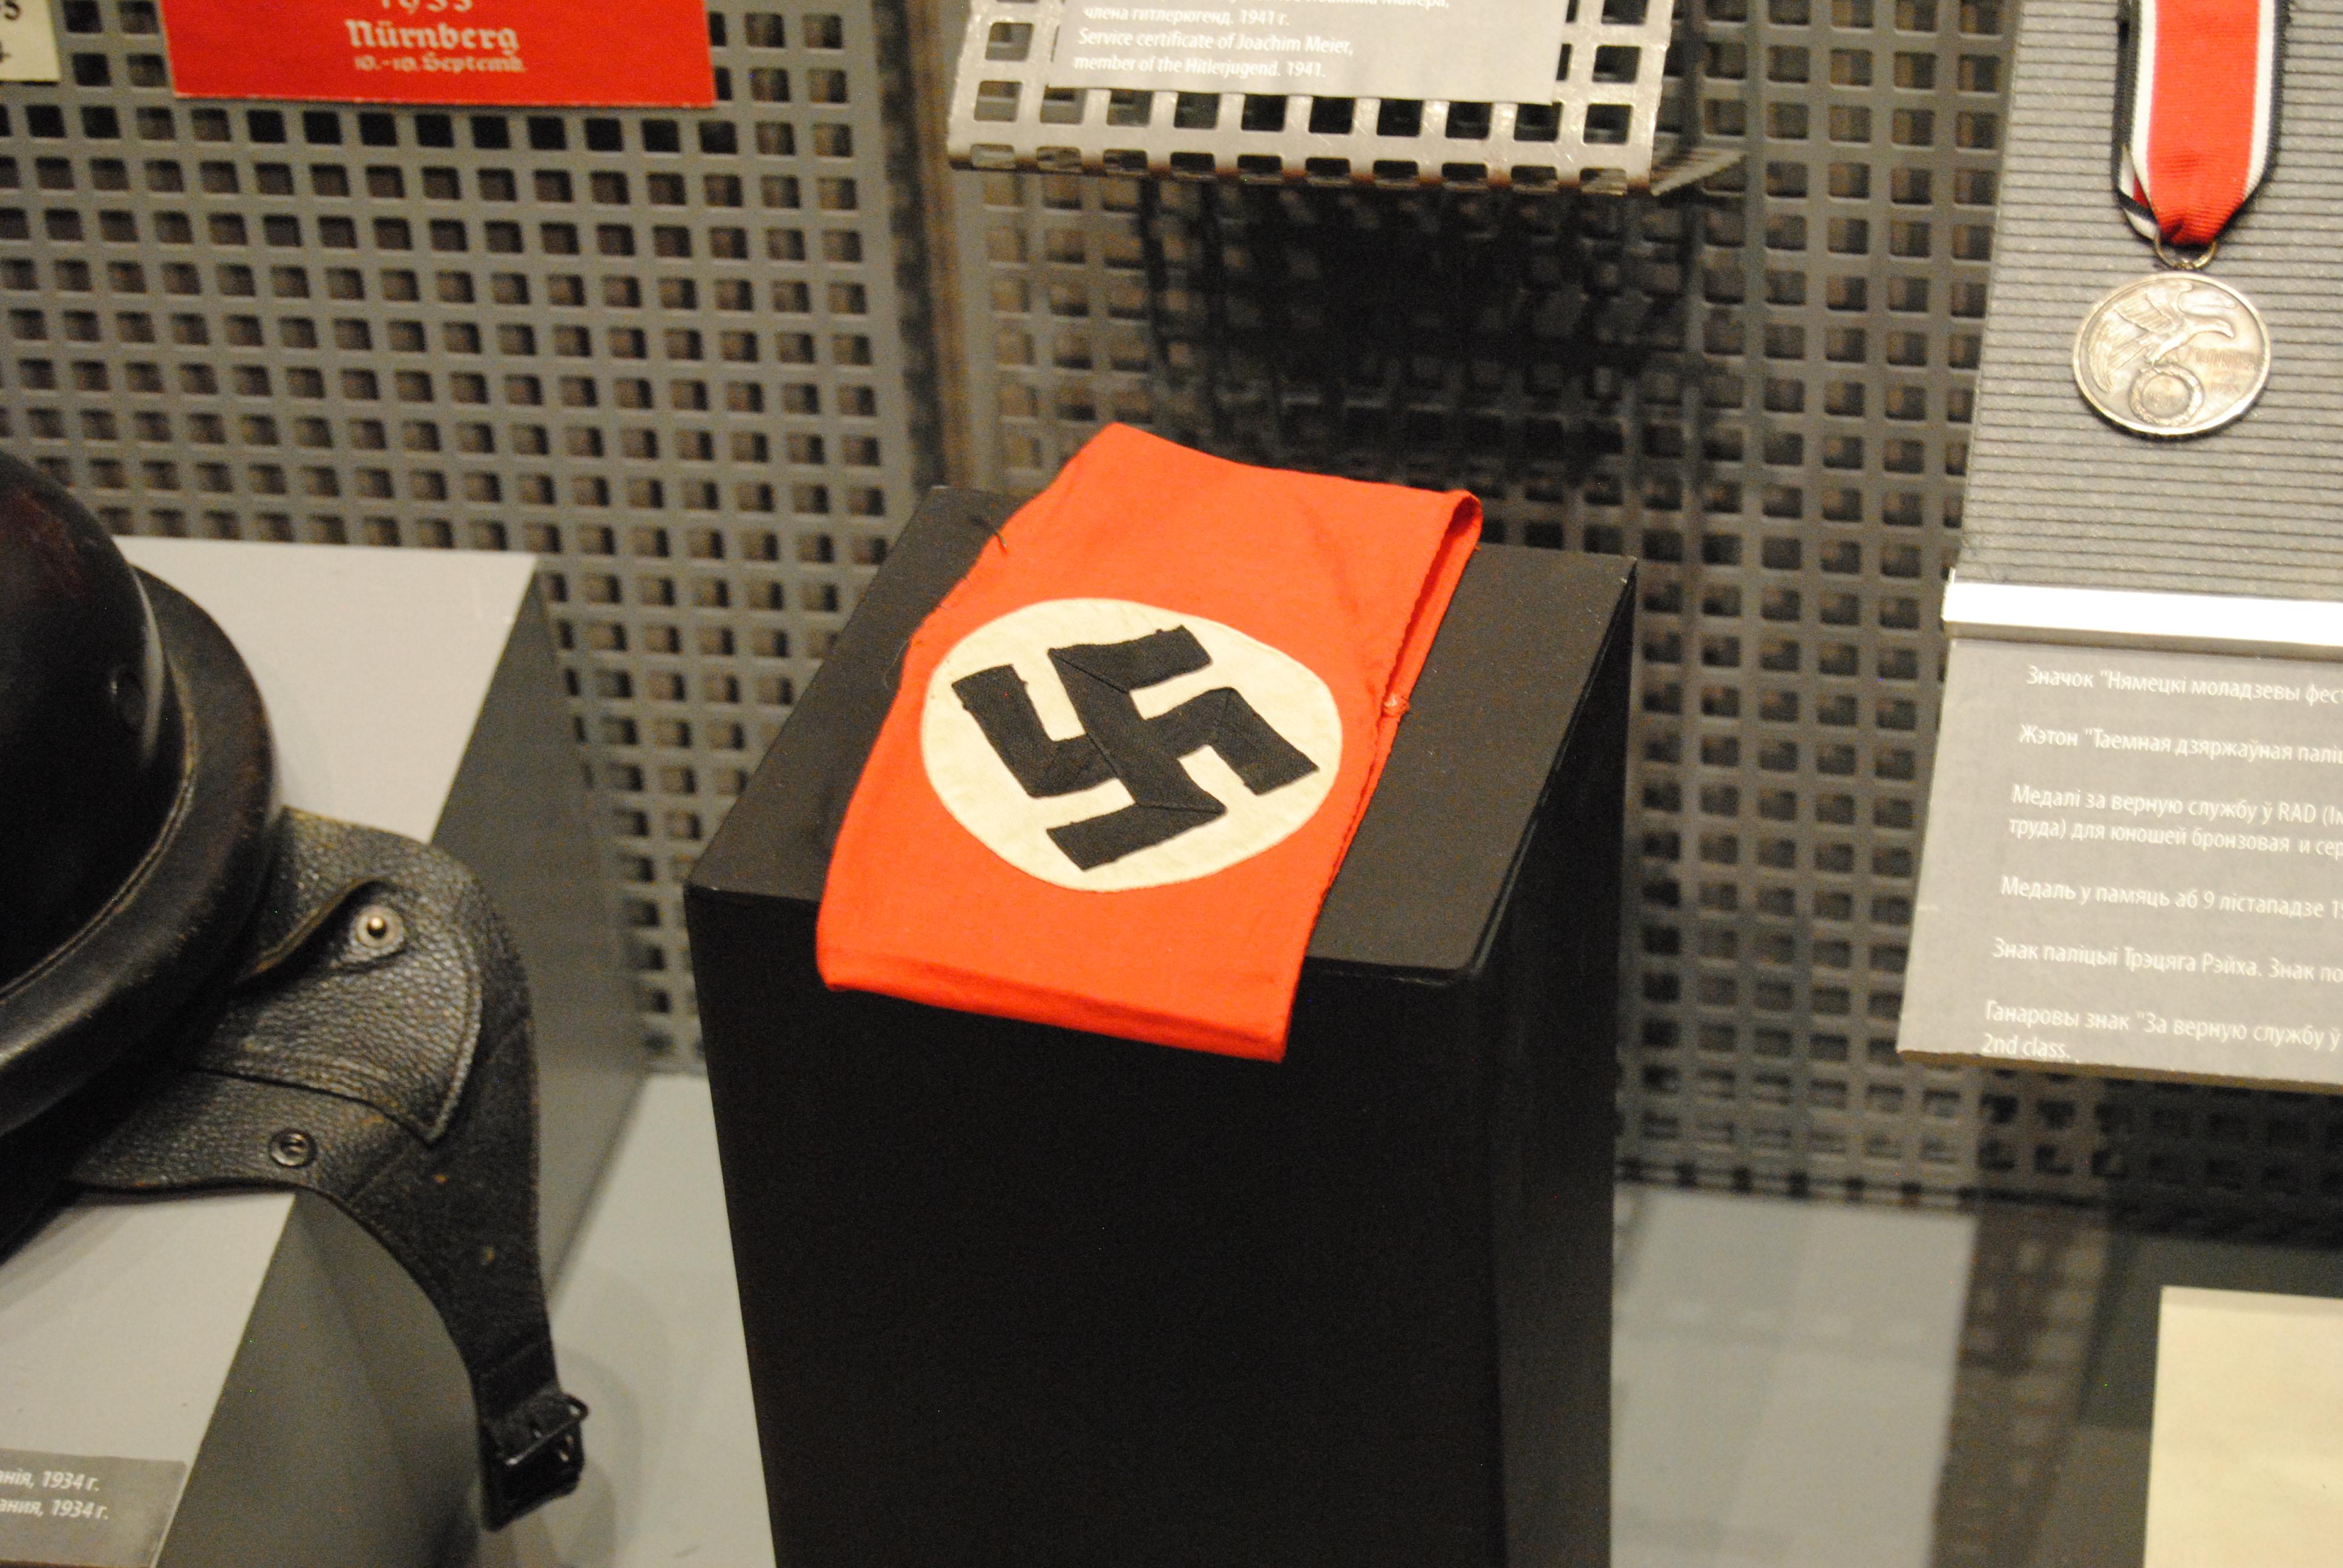 banda de brazo con el símbolo nazi